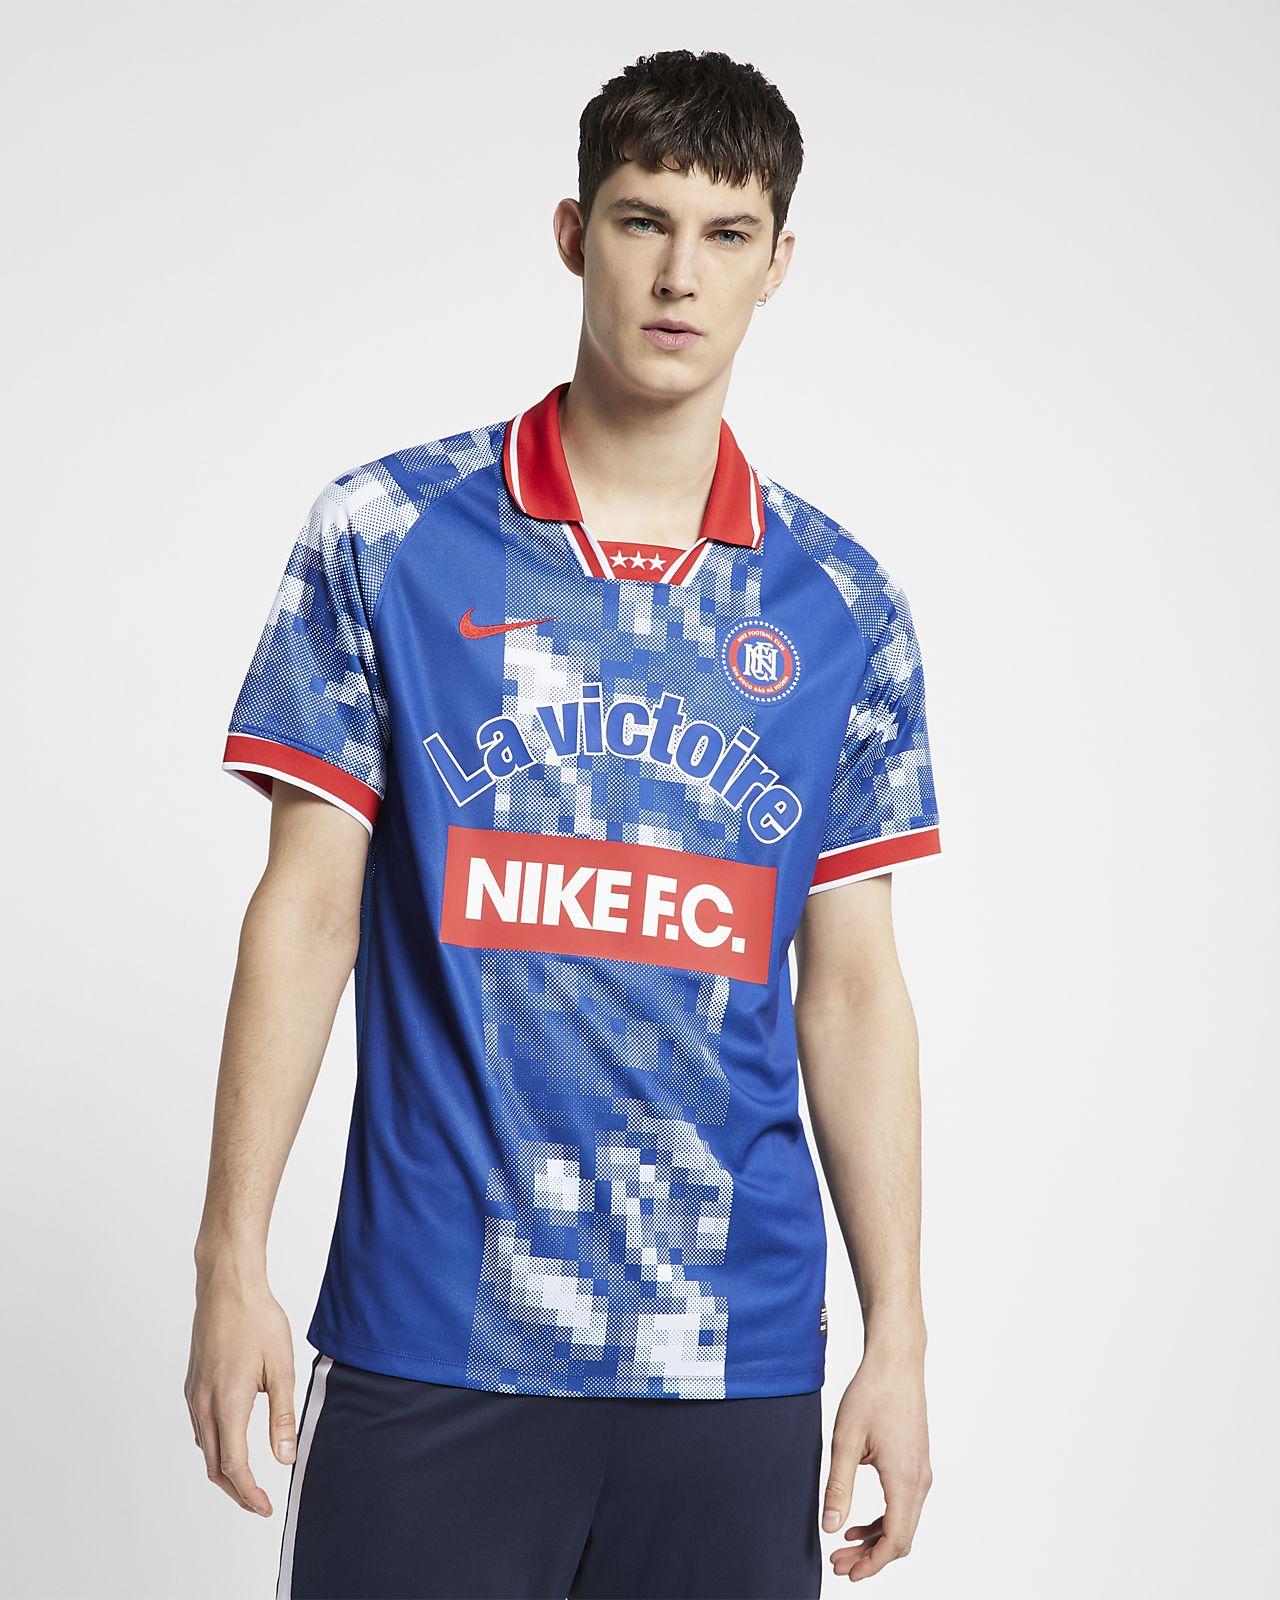 Nike F.C. Thuisvoetbalshirt voor heren